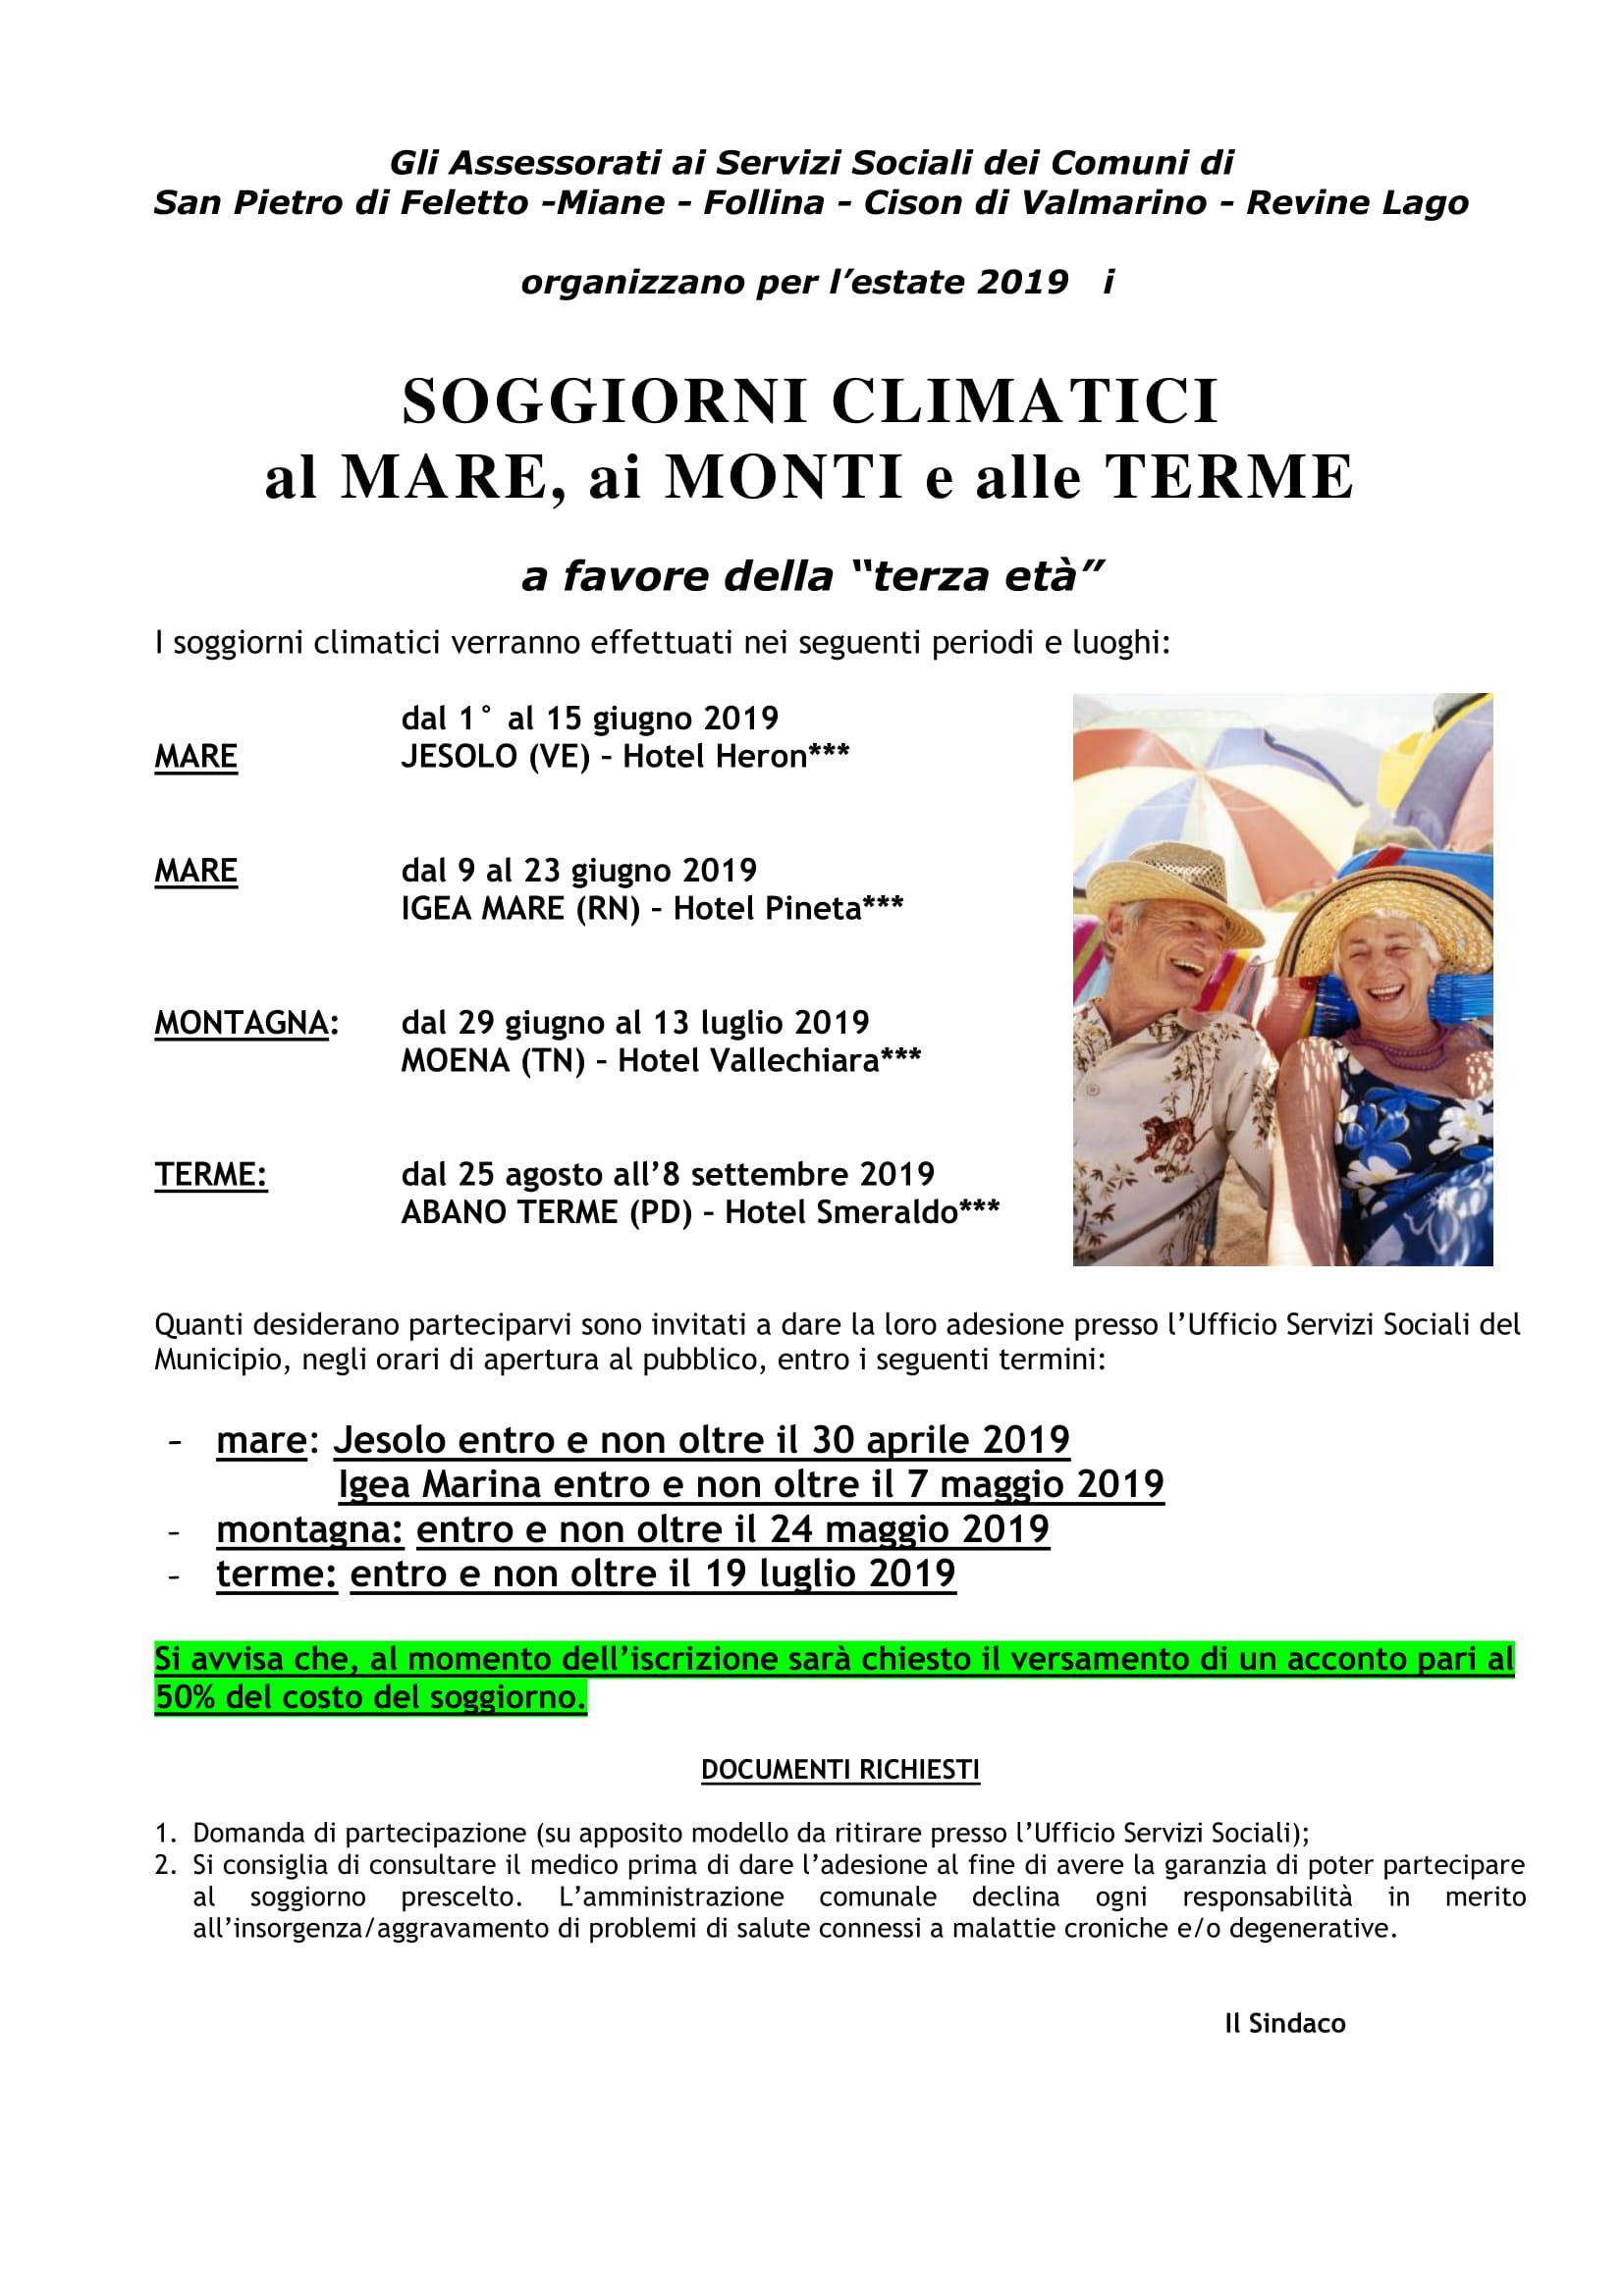 Comune di Revine Lago - Soggiorni climatici al mare, ai monti e alle ...